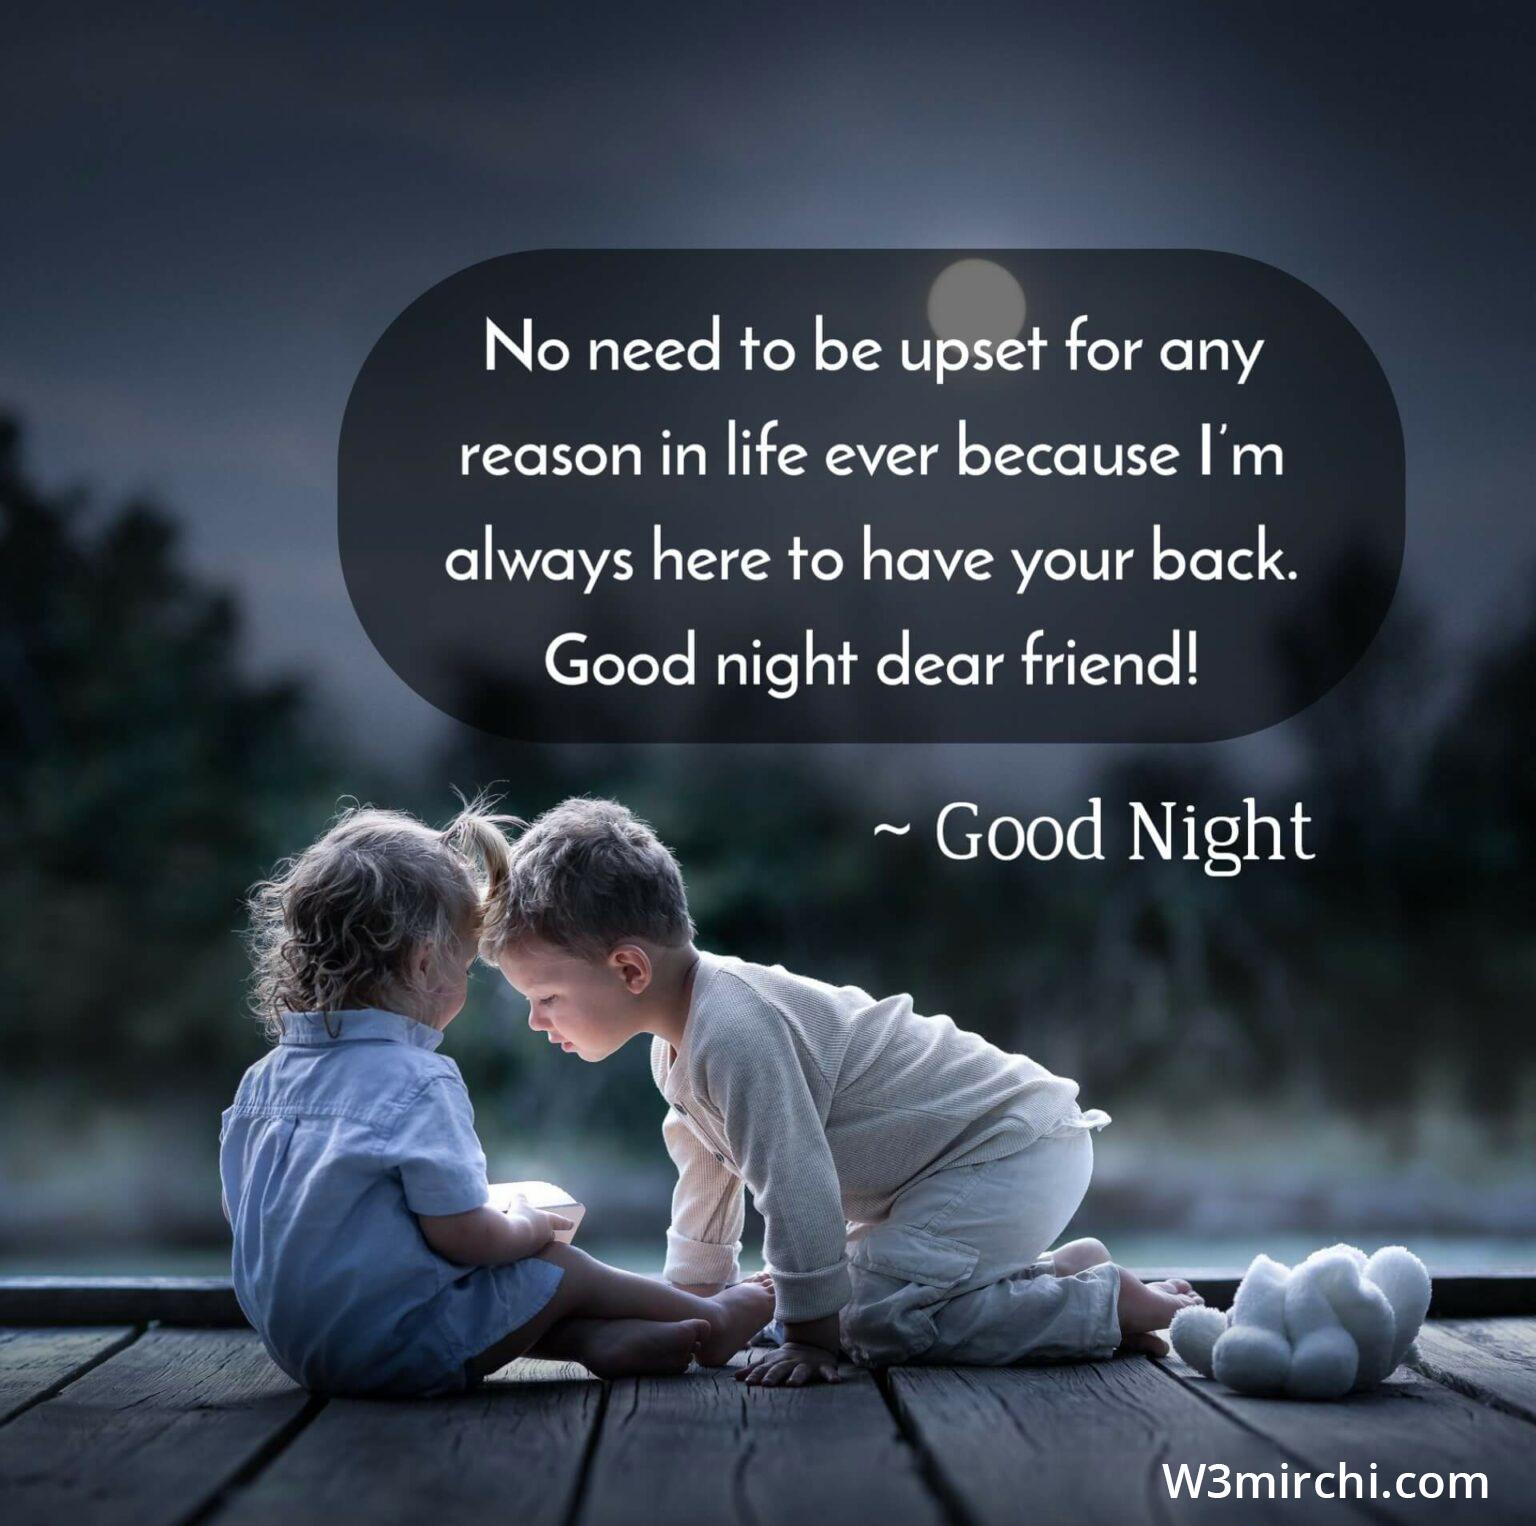 Good night dear friend!